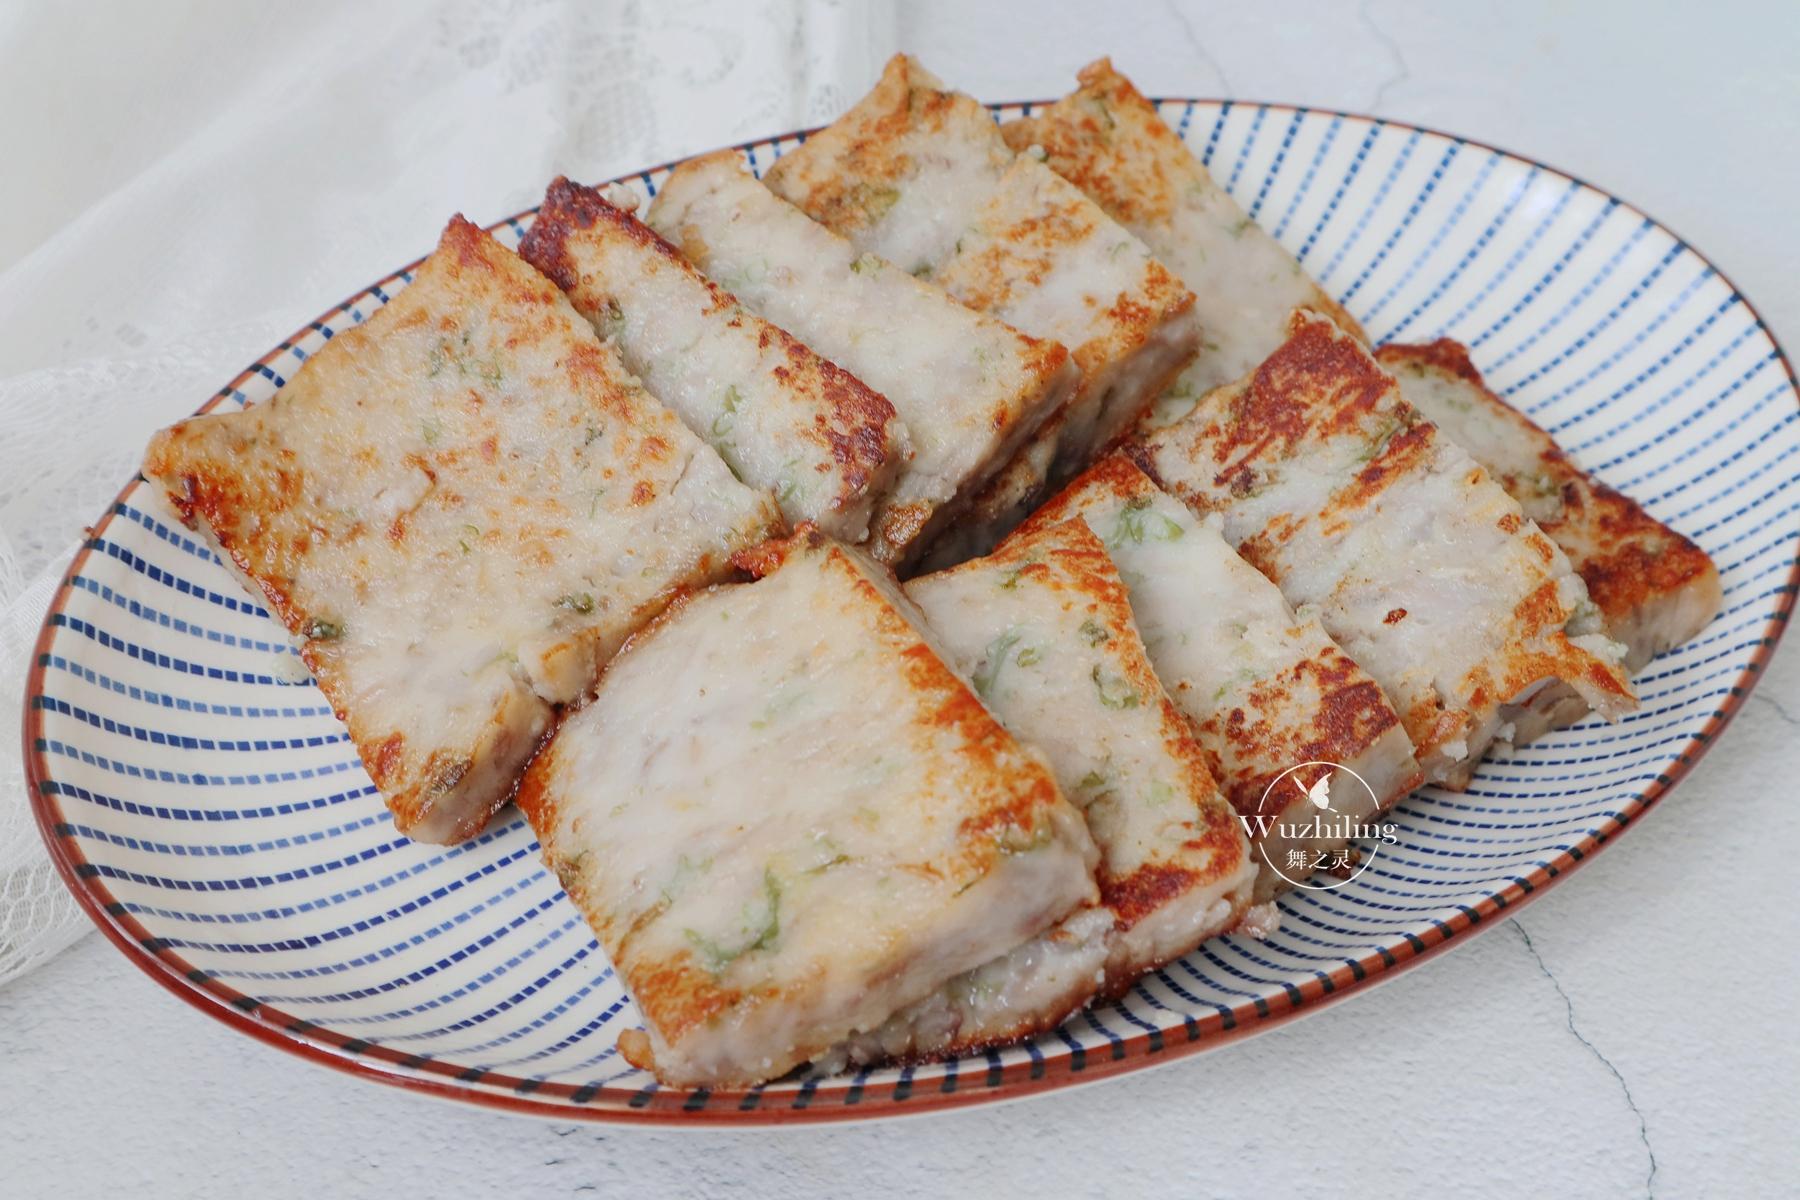 「清淡又下饭的菜」祖孙三代的晚餐,6个菜成本60元,不精致但也不浪费